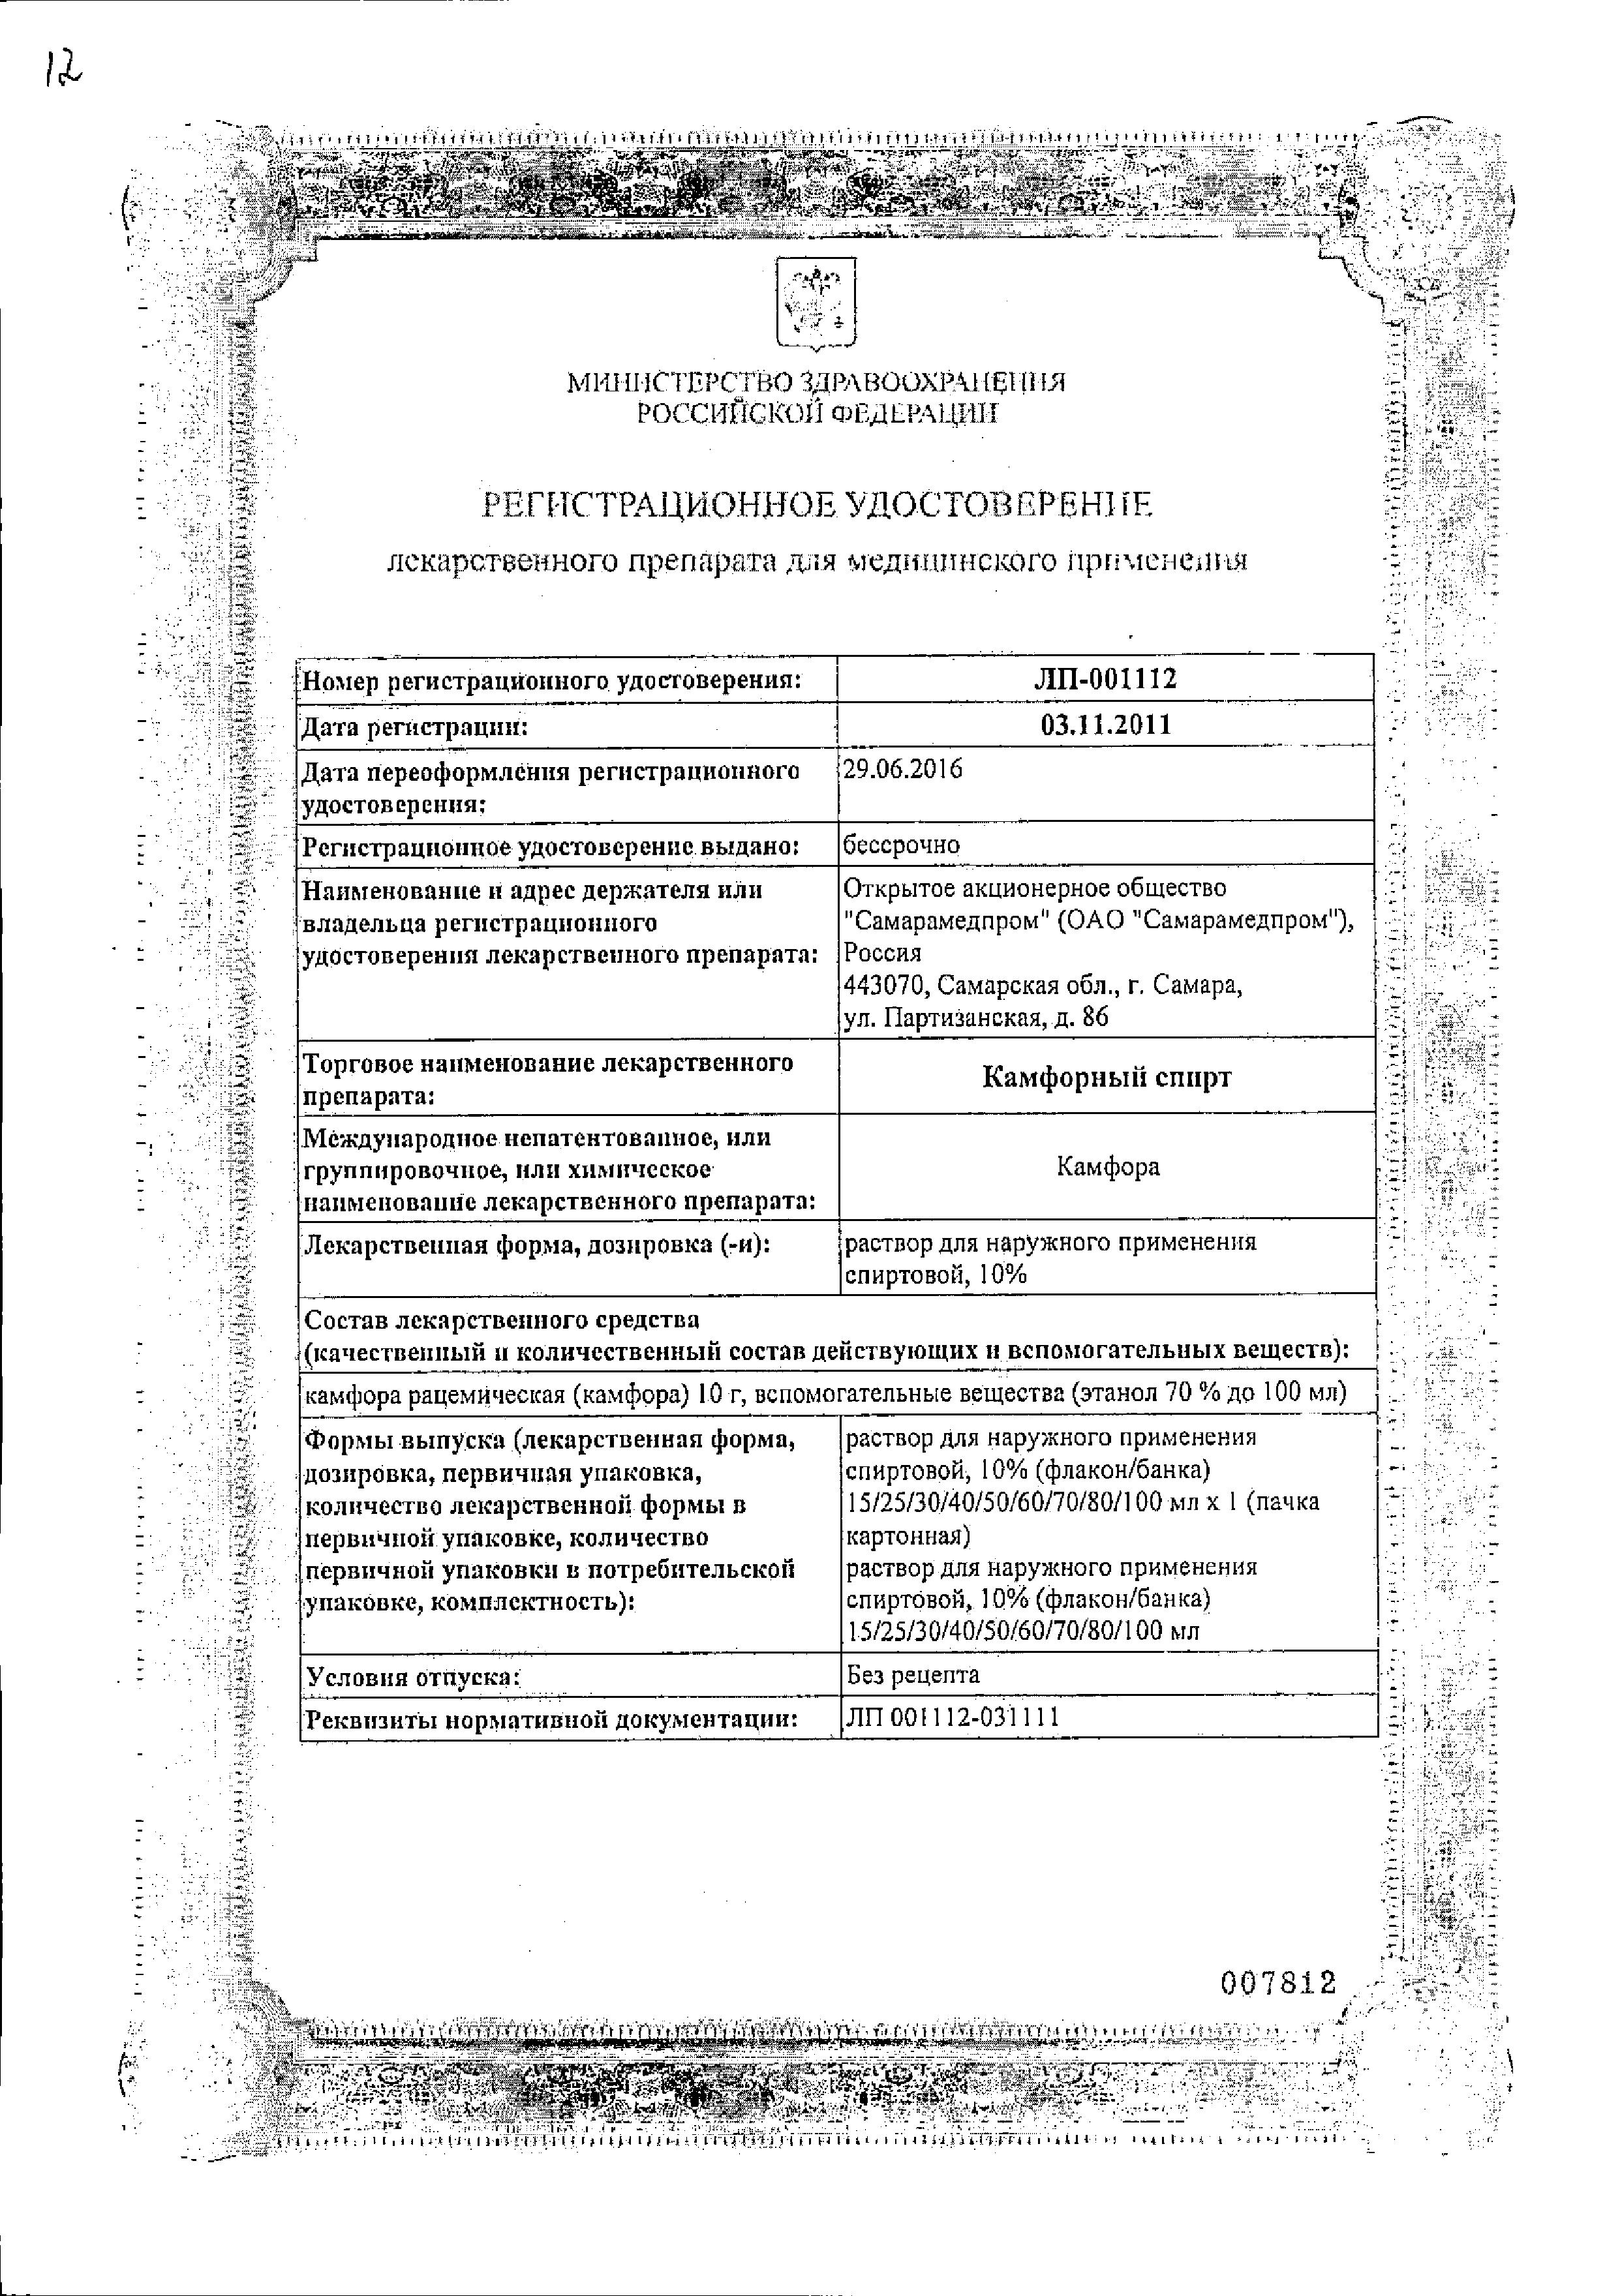 Камфорный спирт сертификат